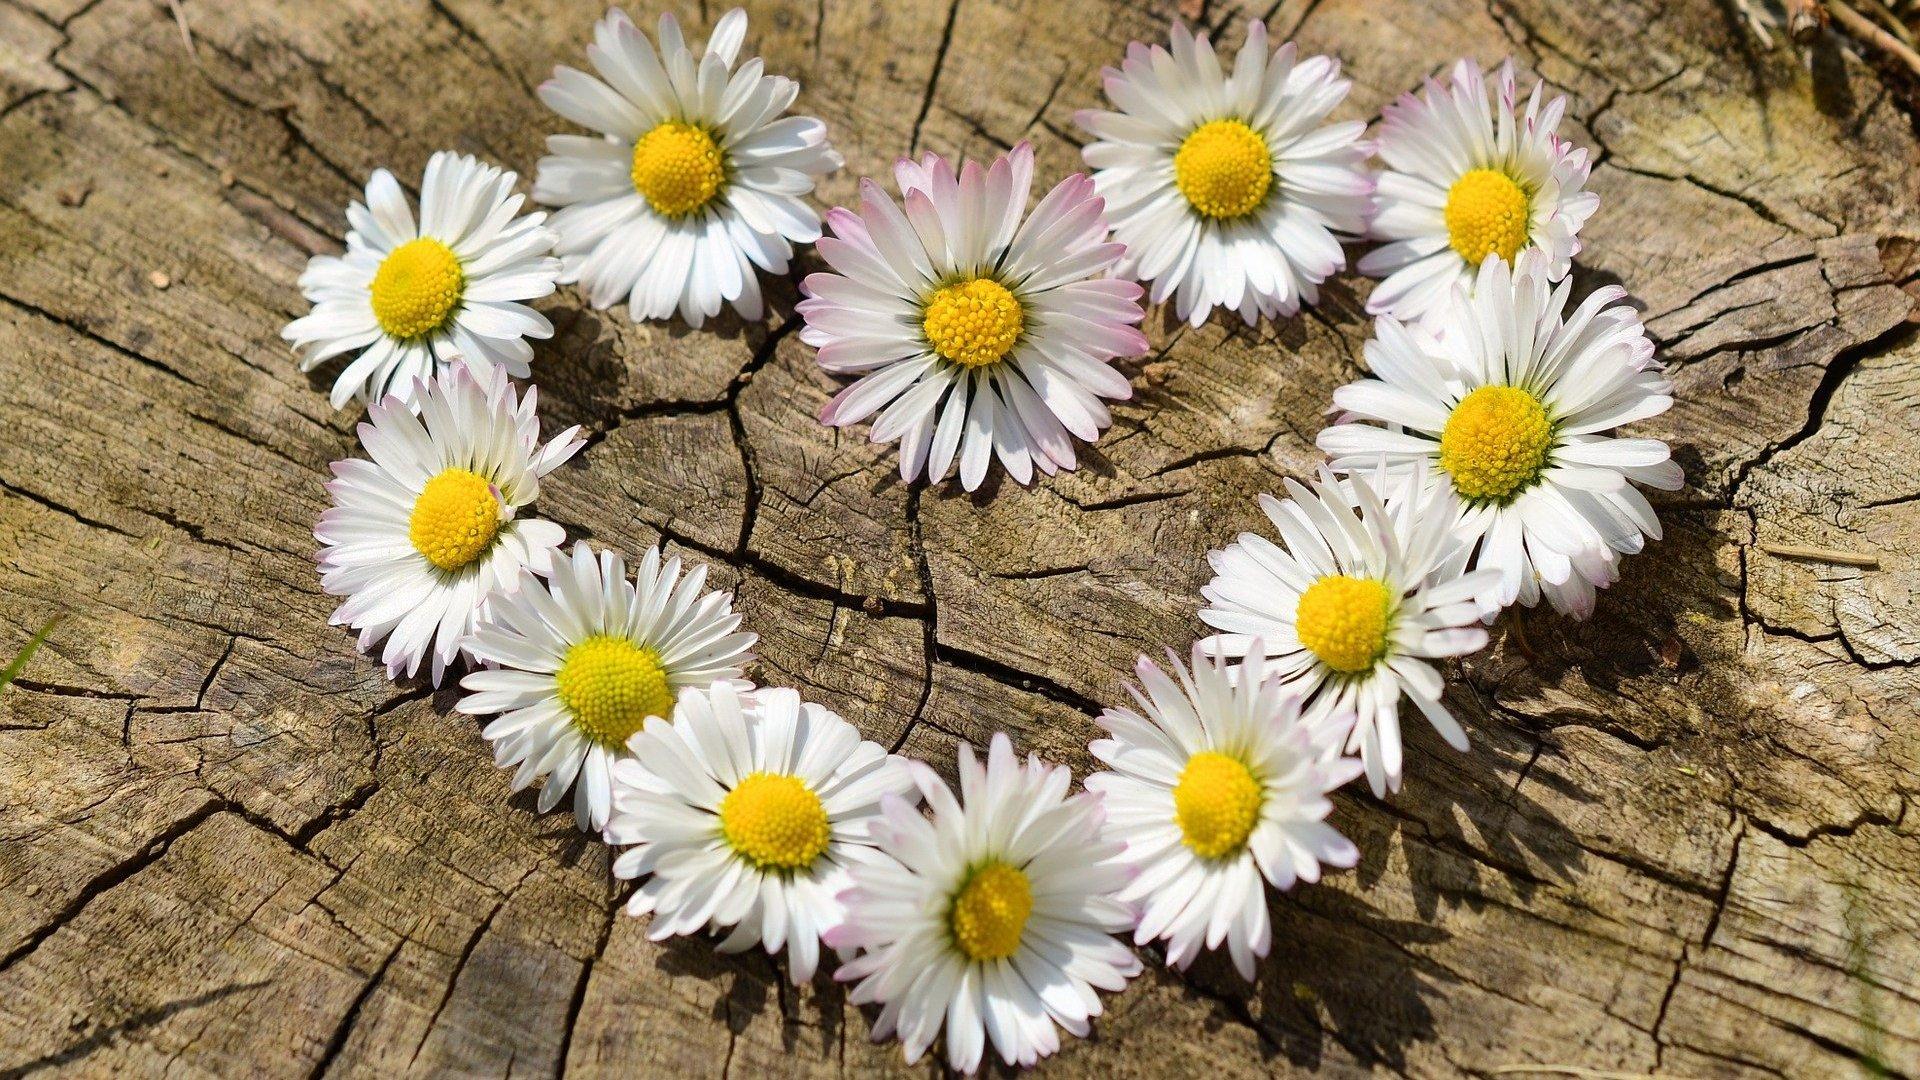 Imagens de flores formando um coração